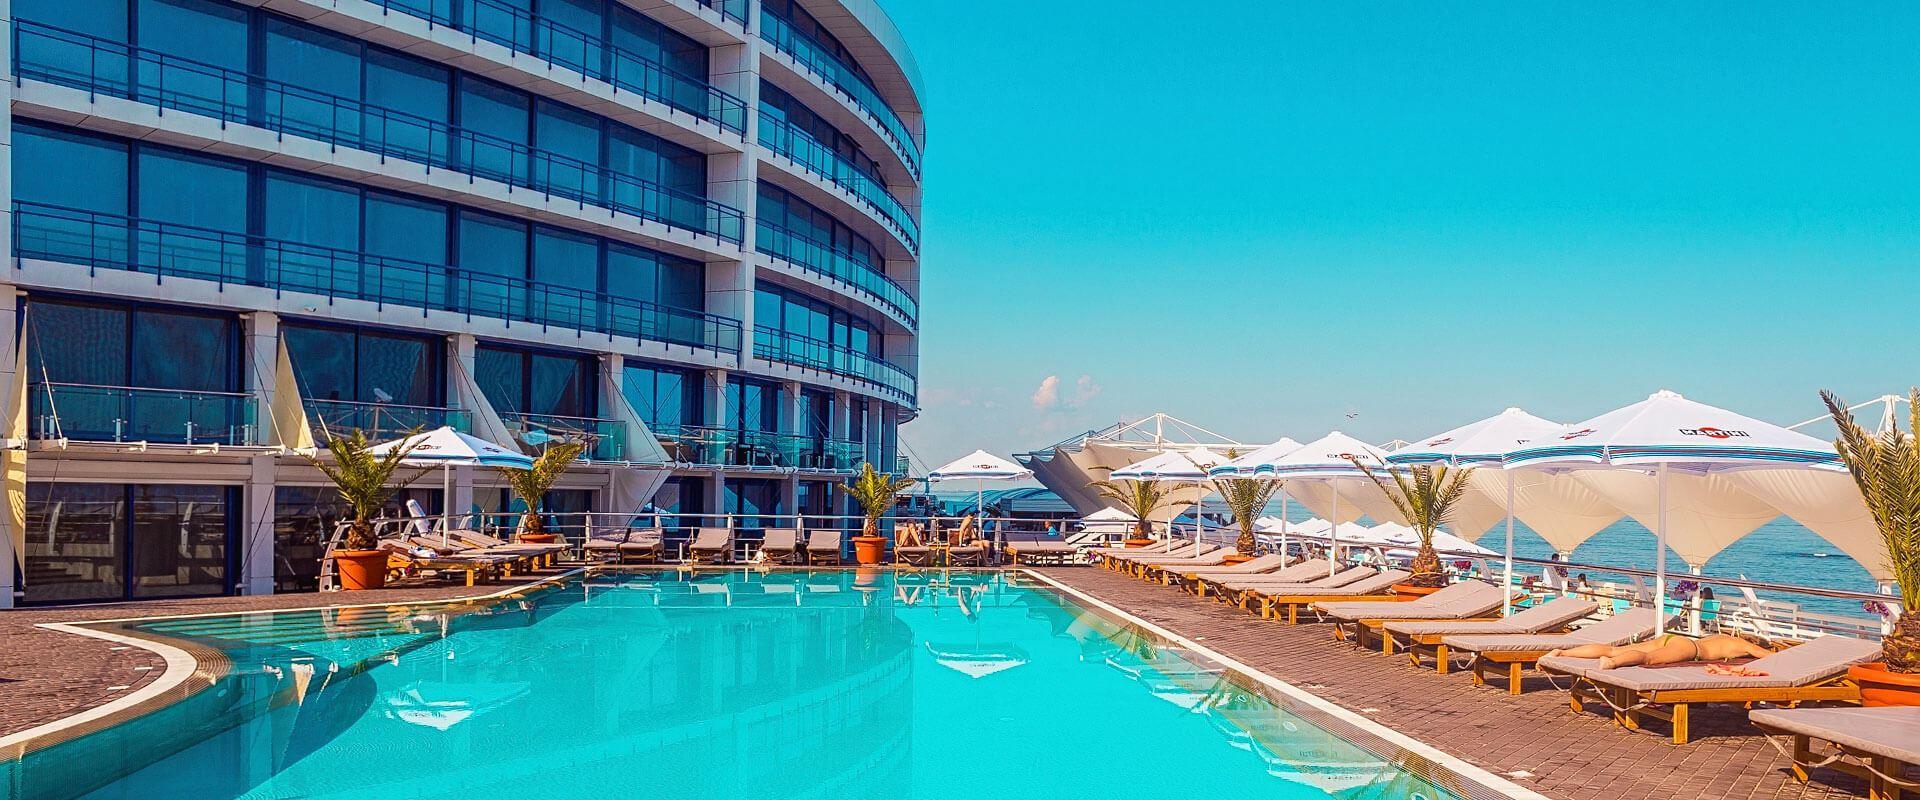 Maristella-лучшие-отели-и-гостинницы-у-моря---слайд1